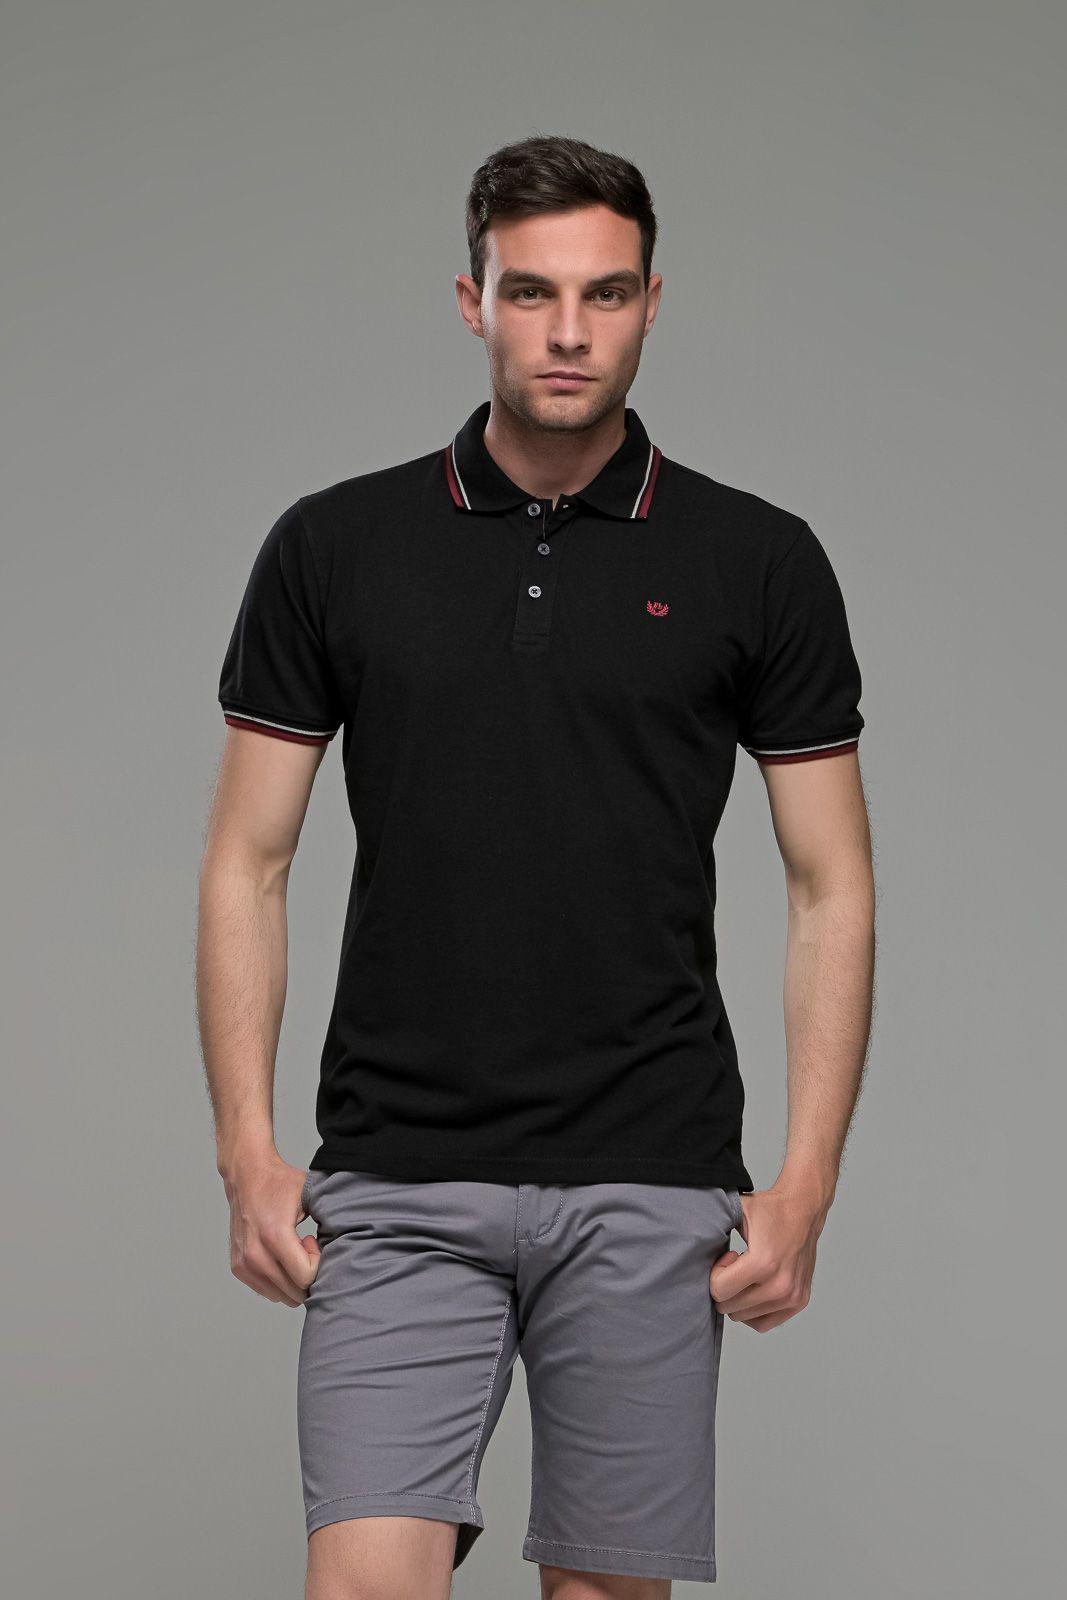 Φθηνό Μαύρο Ανδρικό Πόλο Μπλουζάκι με Ρίγα στο Γιακά Καλοκαιρινό Άνετο - Regular Fit